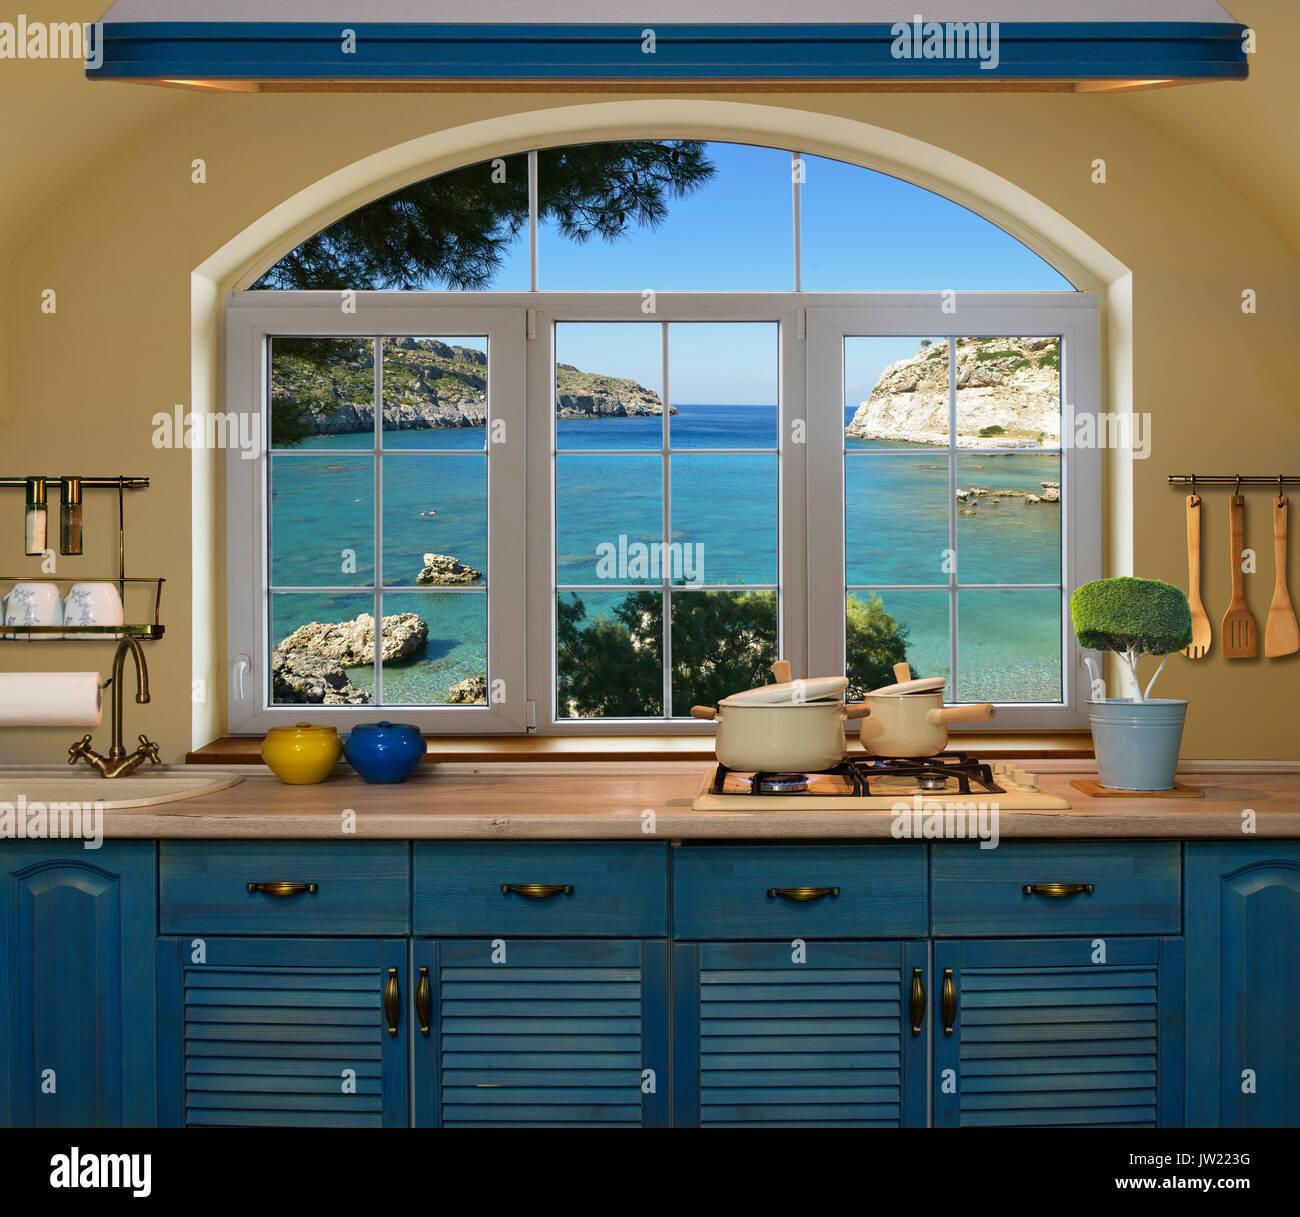 Wooden Worktops Stock Photos & Wooden Worktops Stock Images - Alamy